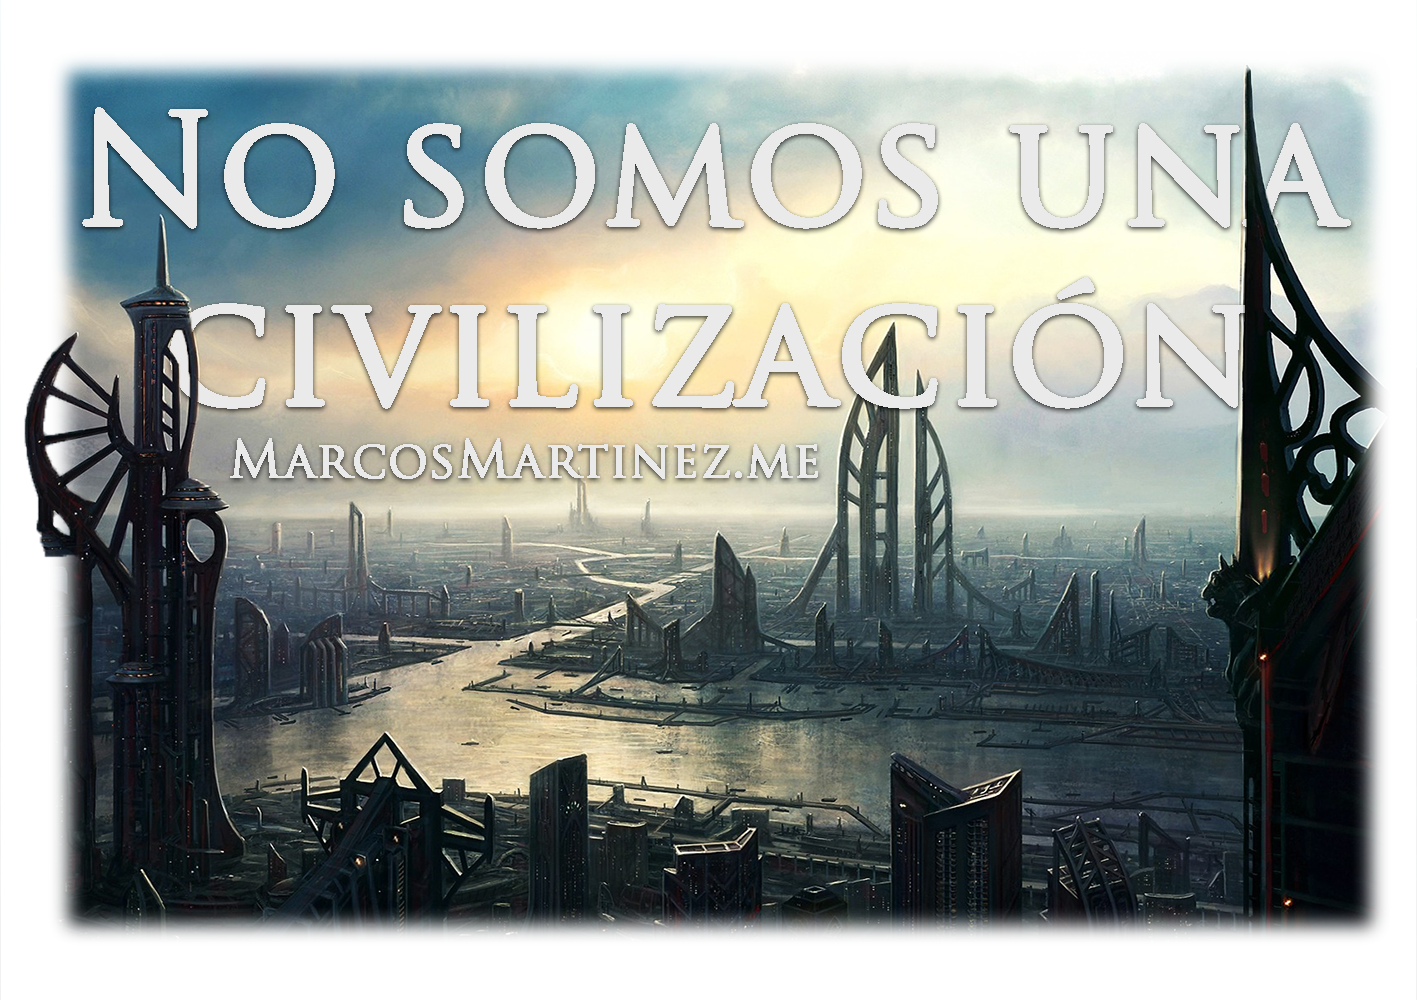 No somos una civilización